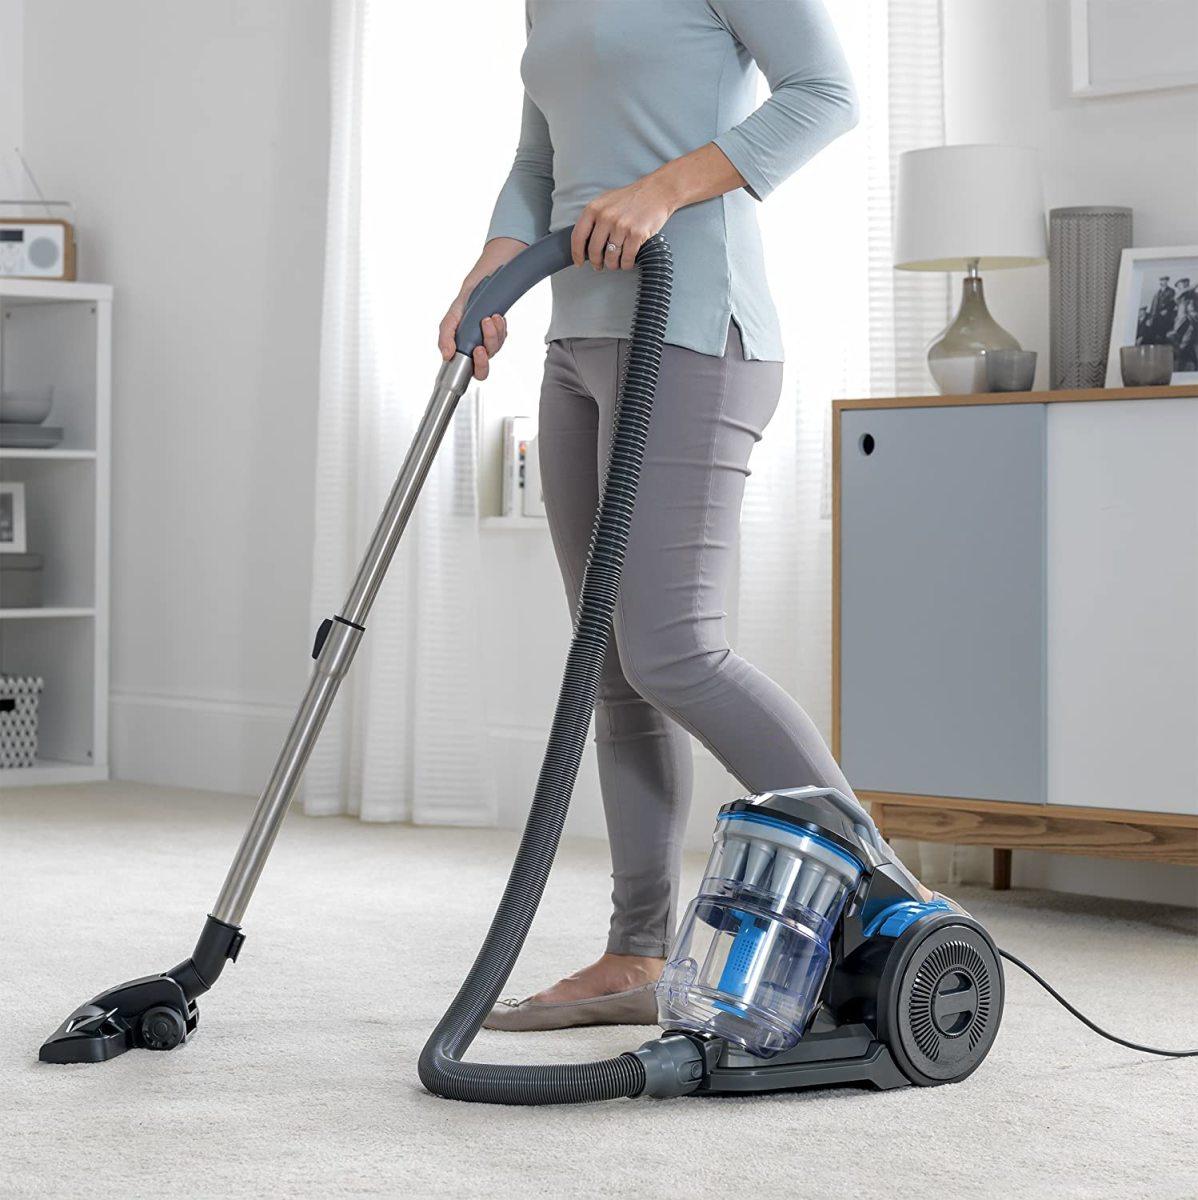 VAX Air Stretch Pet vacuum cleaner.